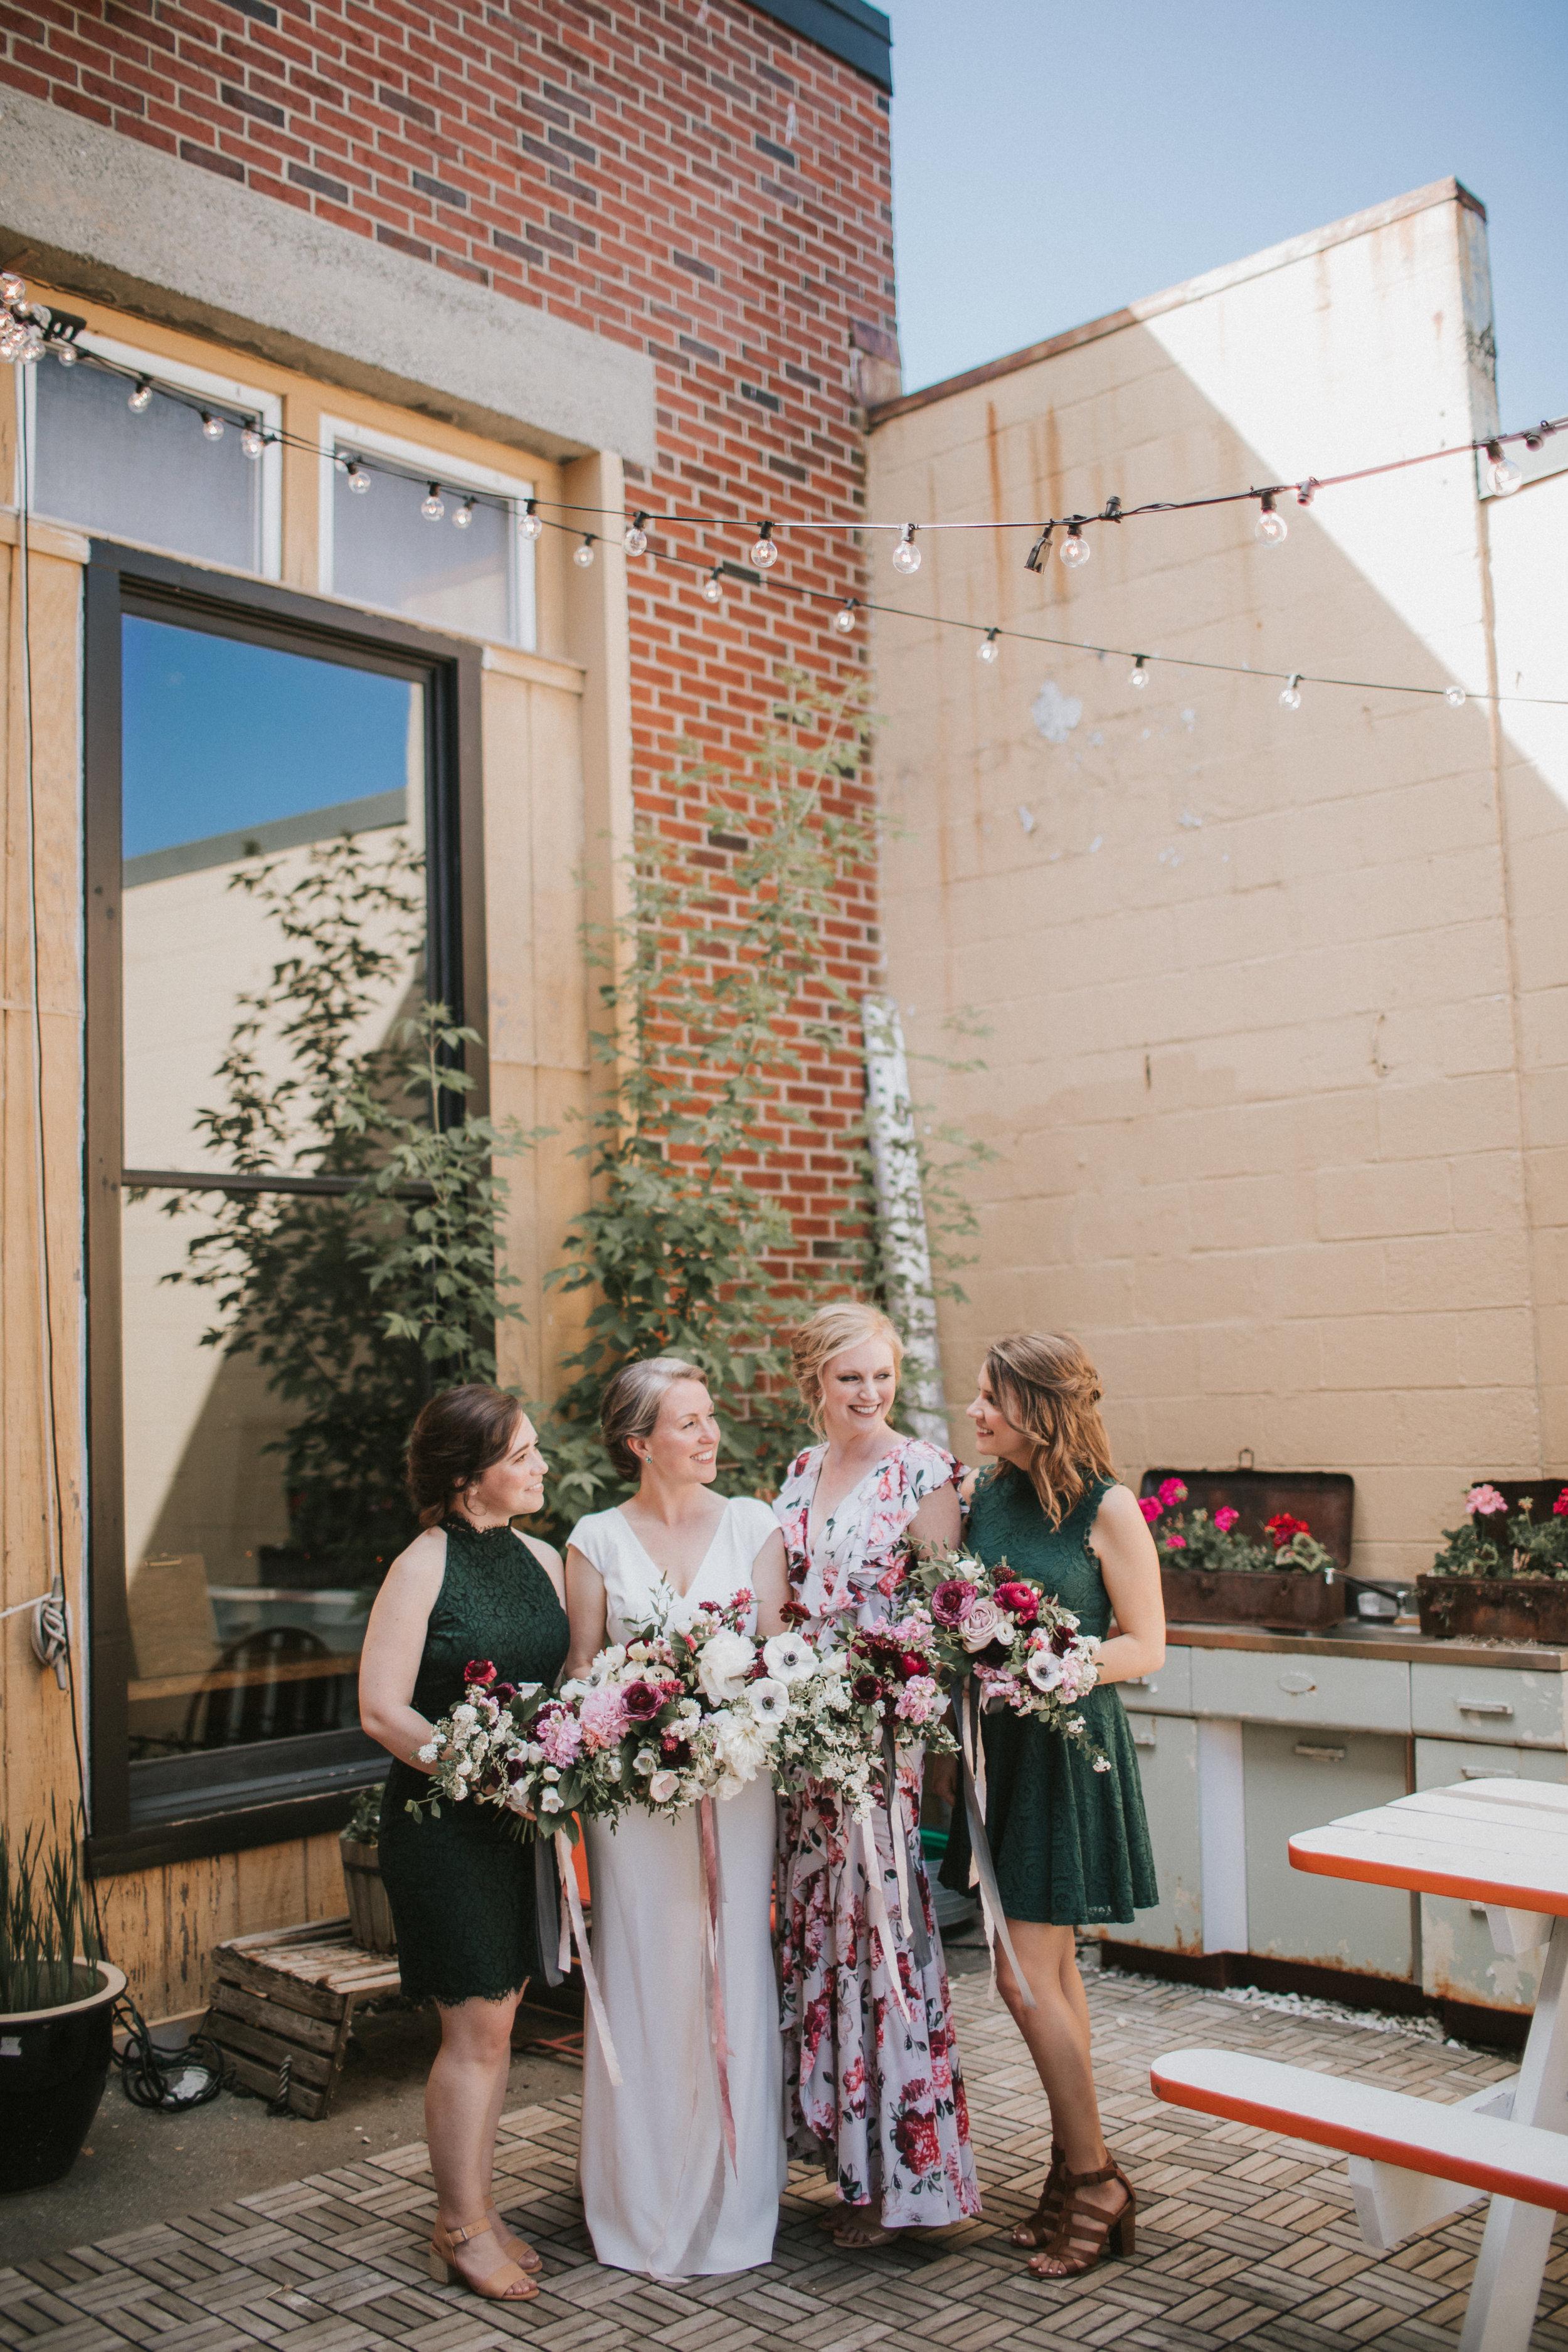 Watershed_Floral_Maine_Wedding_Florist_206.jpg